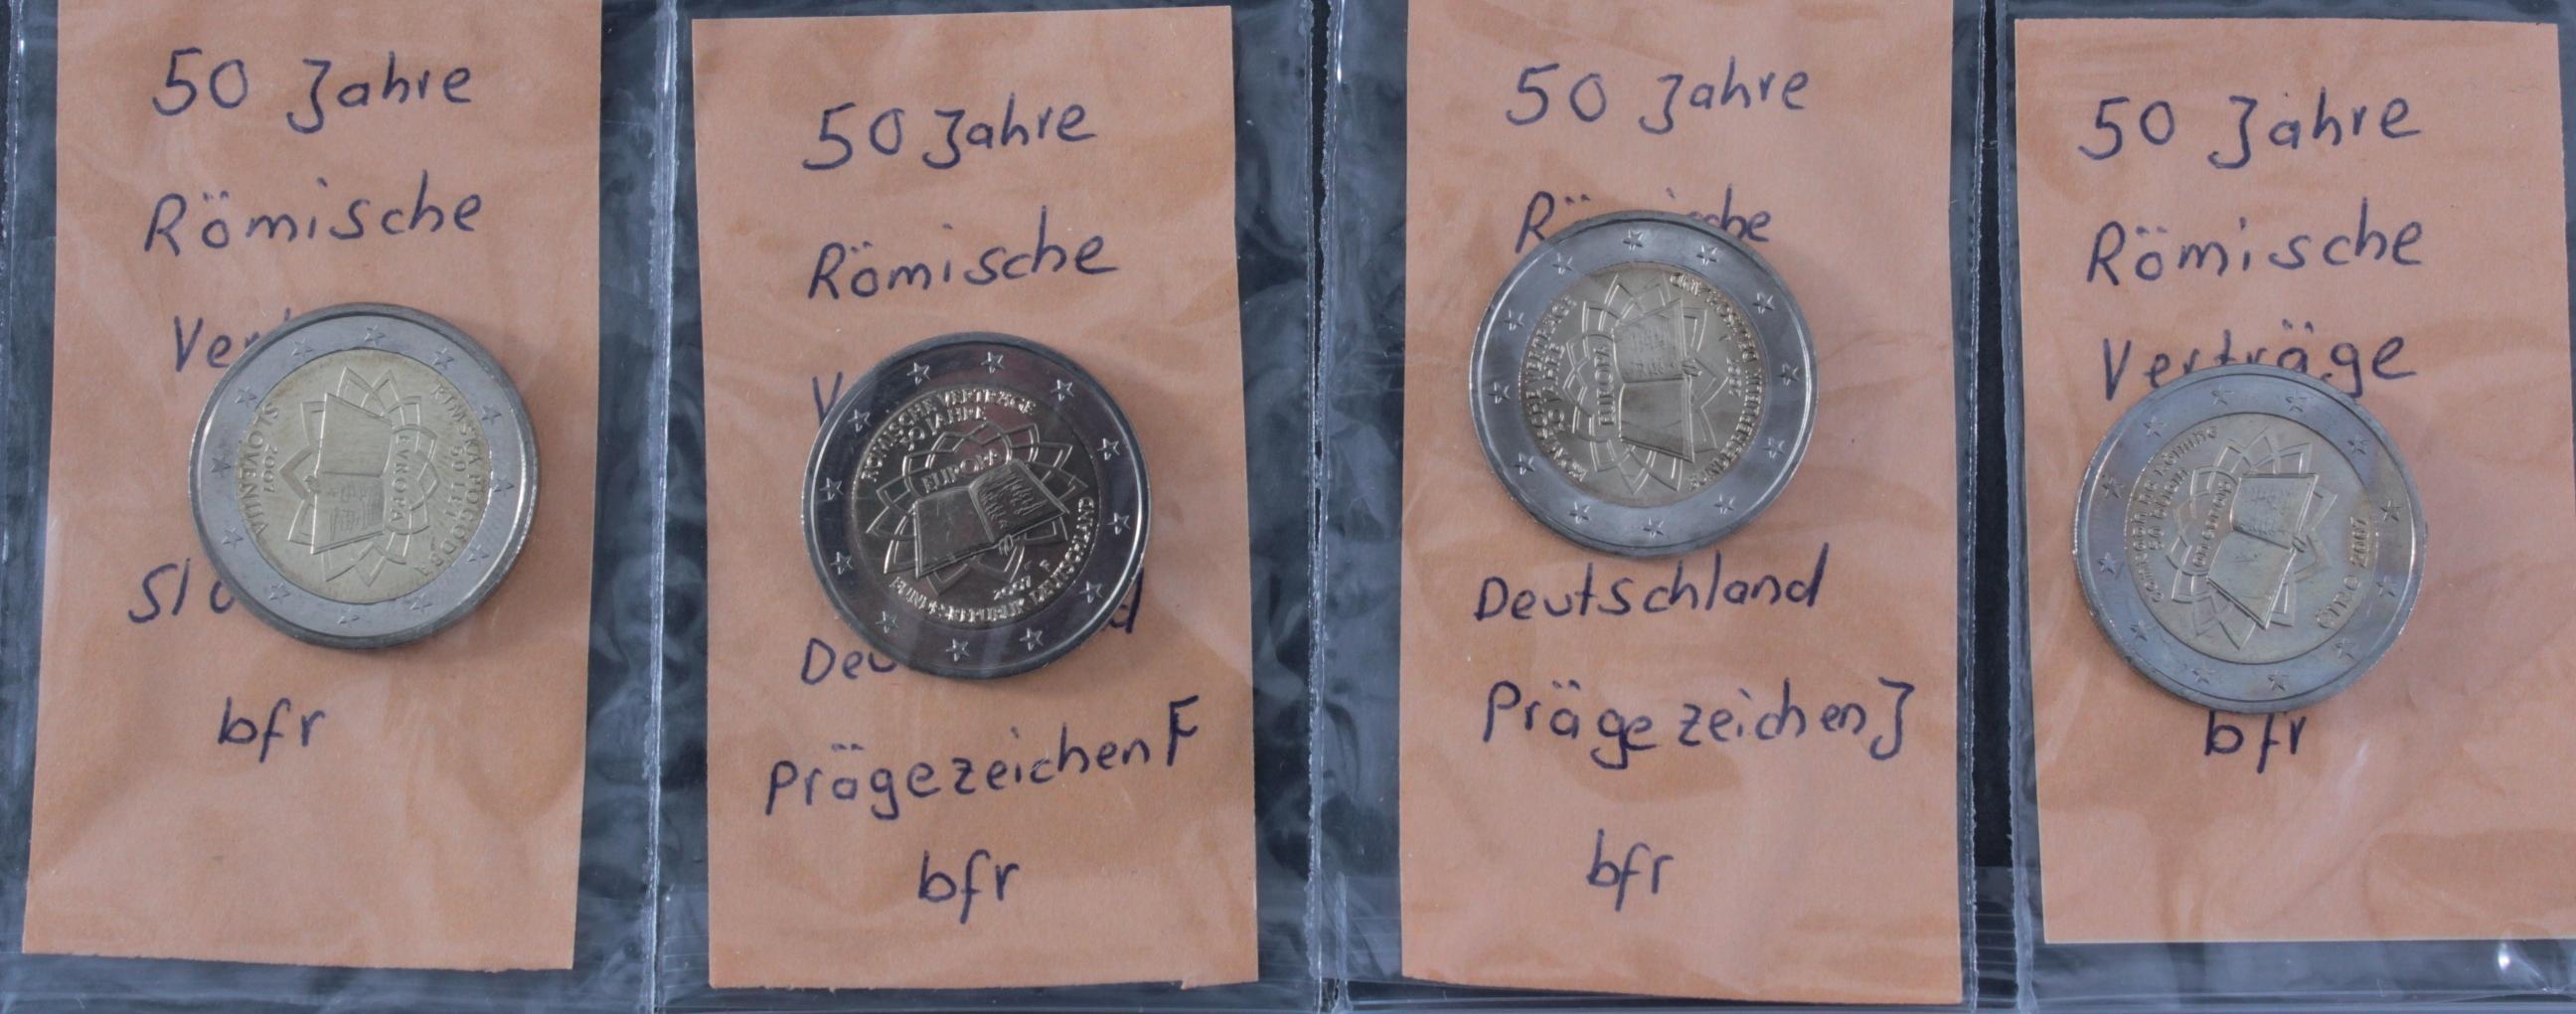 2 Euro 2007 – 50 Jahre Römische Verträge-3